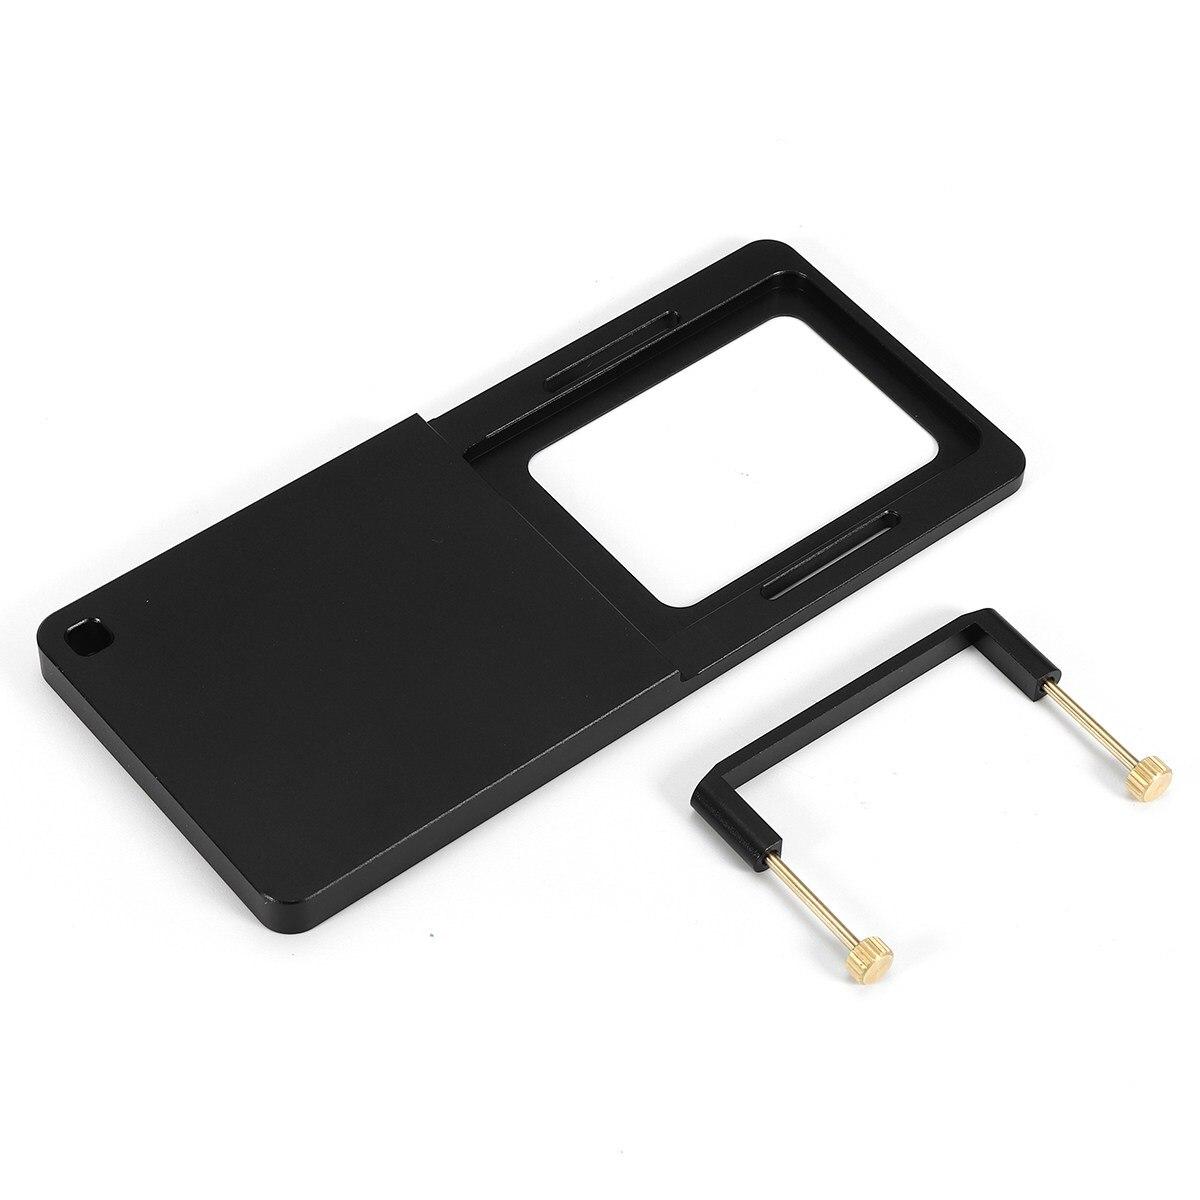 Kompatibel Schalter Montageplatte adapter Für Gopro 6 5 4 3 3 + Xiaoyi 4 Karat dji Osmo Mobile Für Zhiyun Z1 Glatte C R 2 II Gimbal